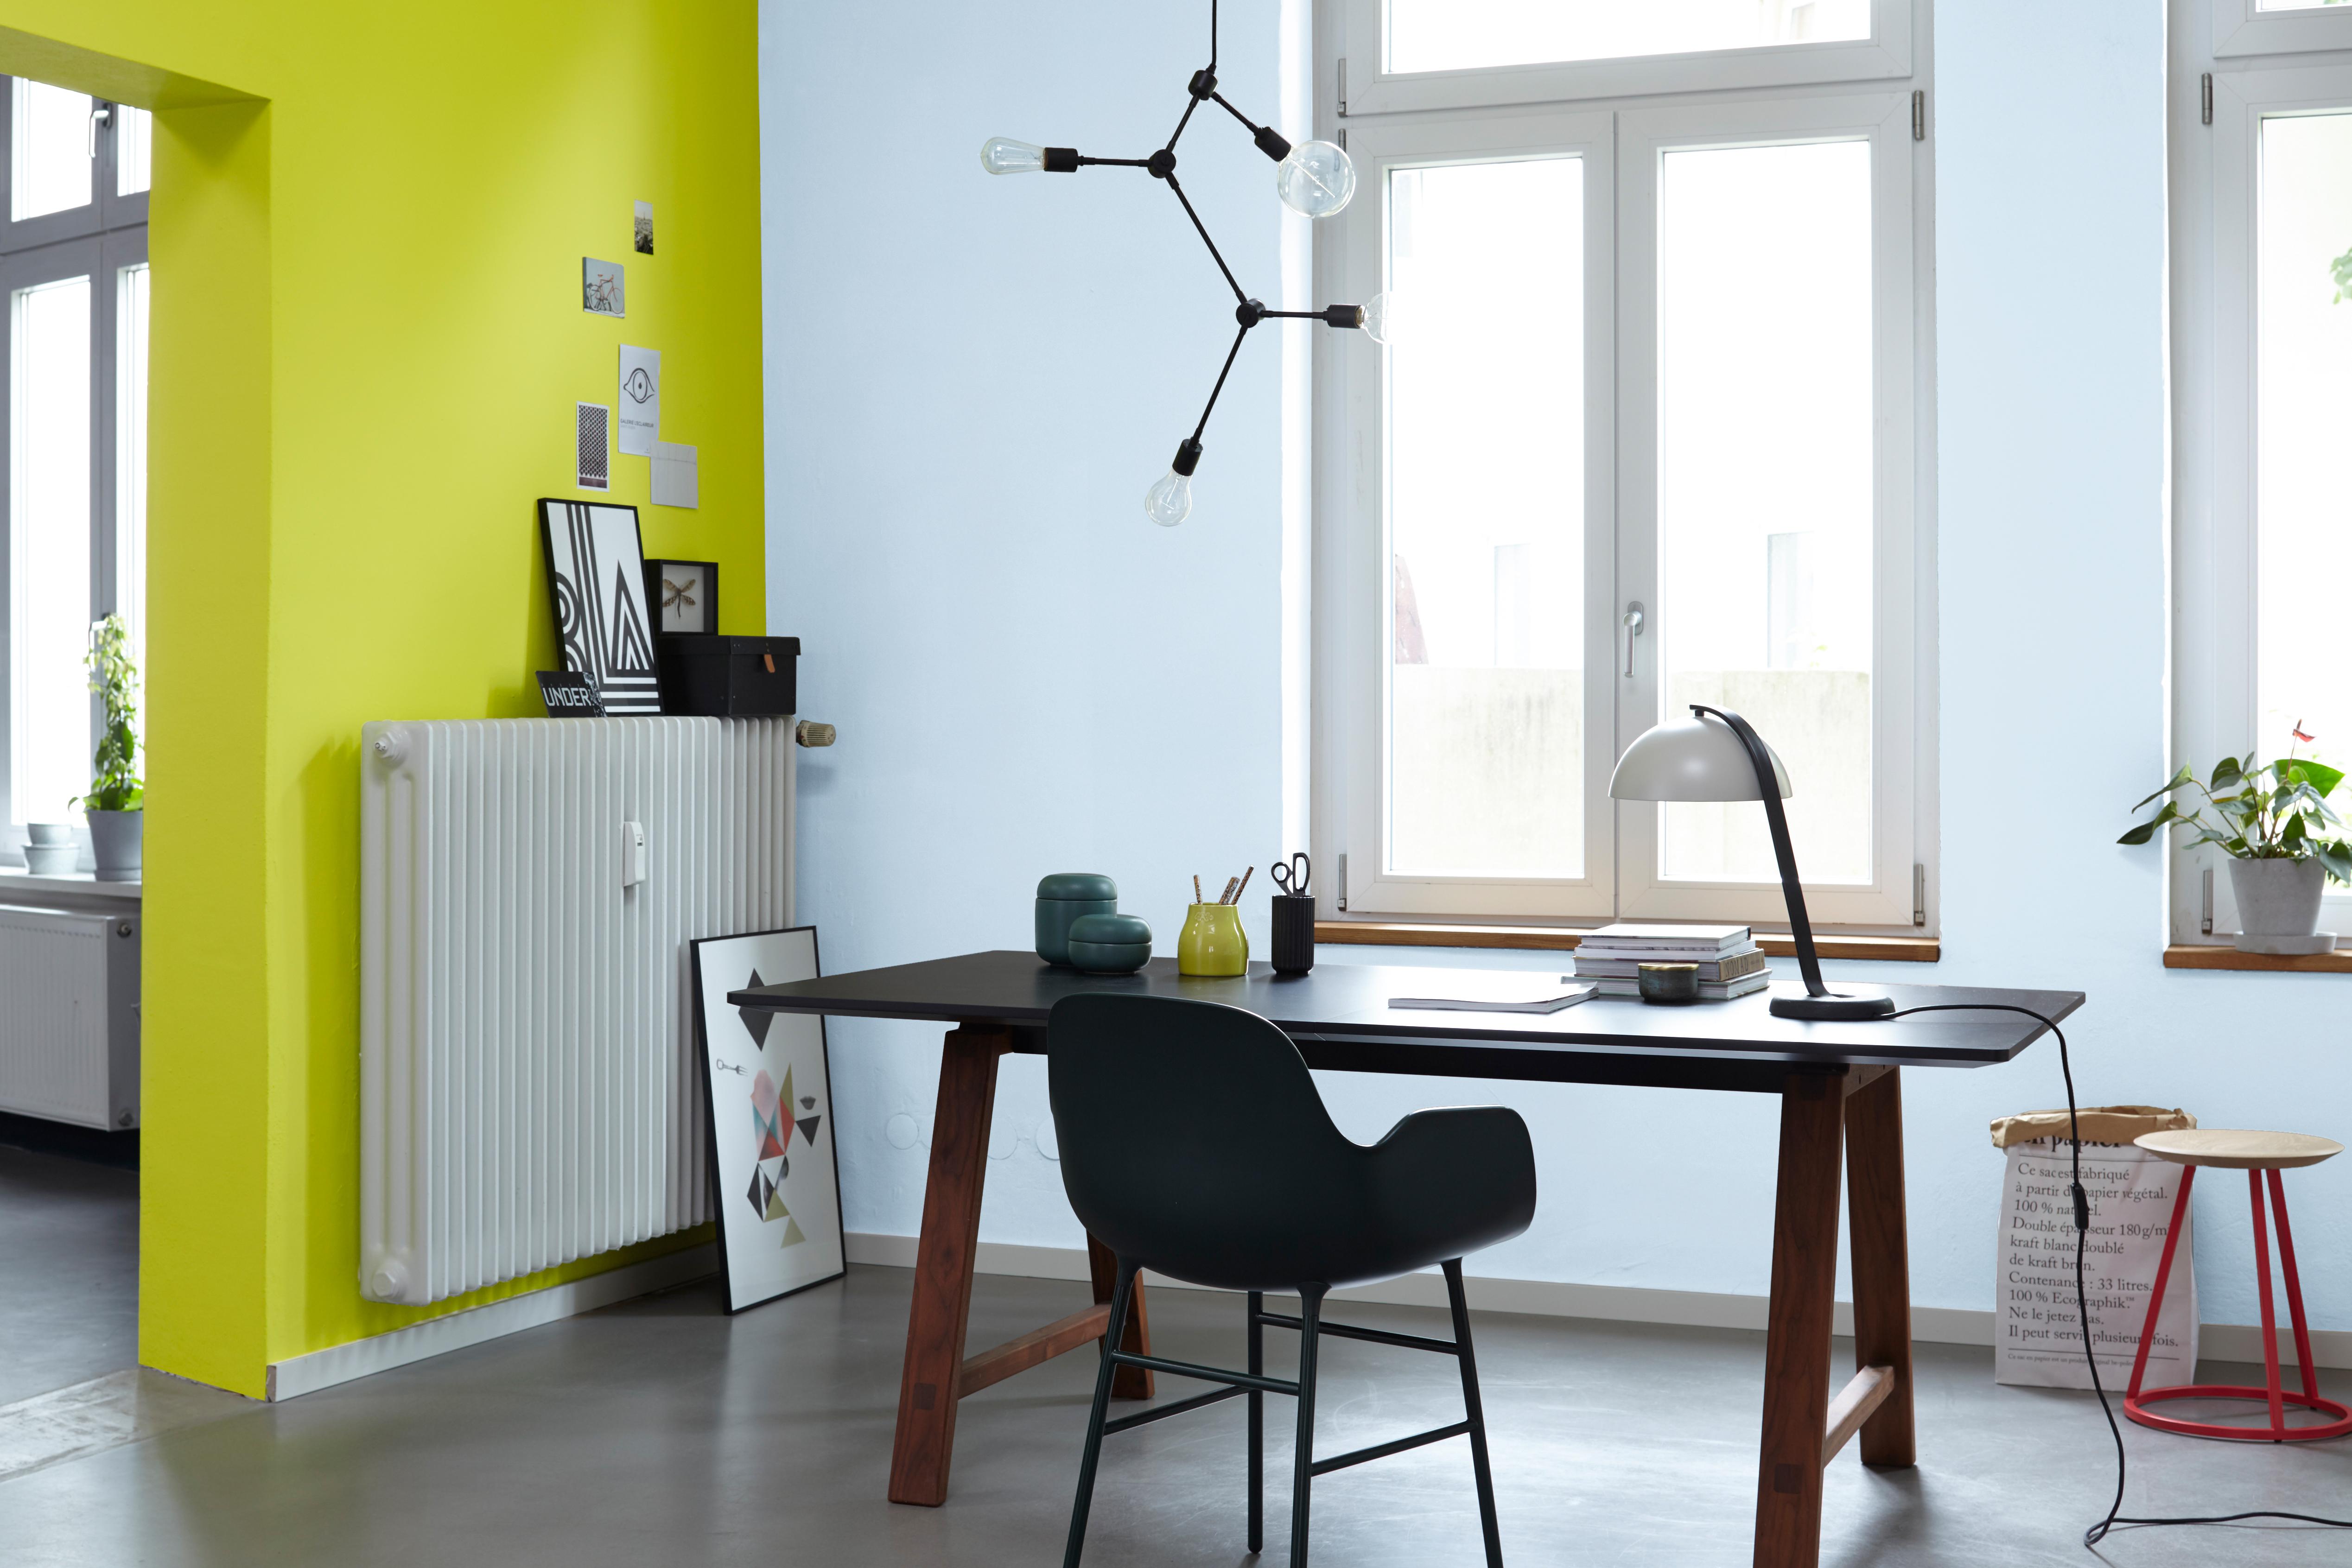 Farb-Wirkung von Grün im Raum: Alpina Farbe & Wirkung